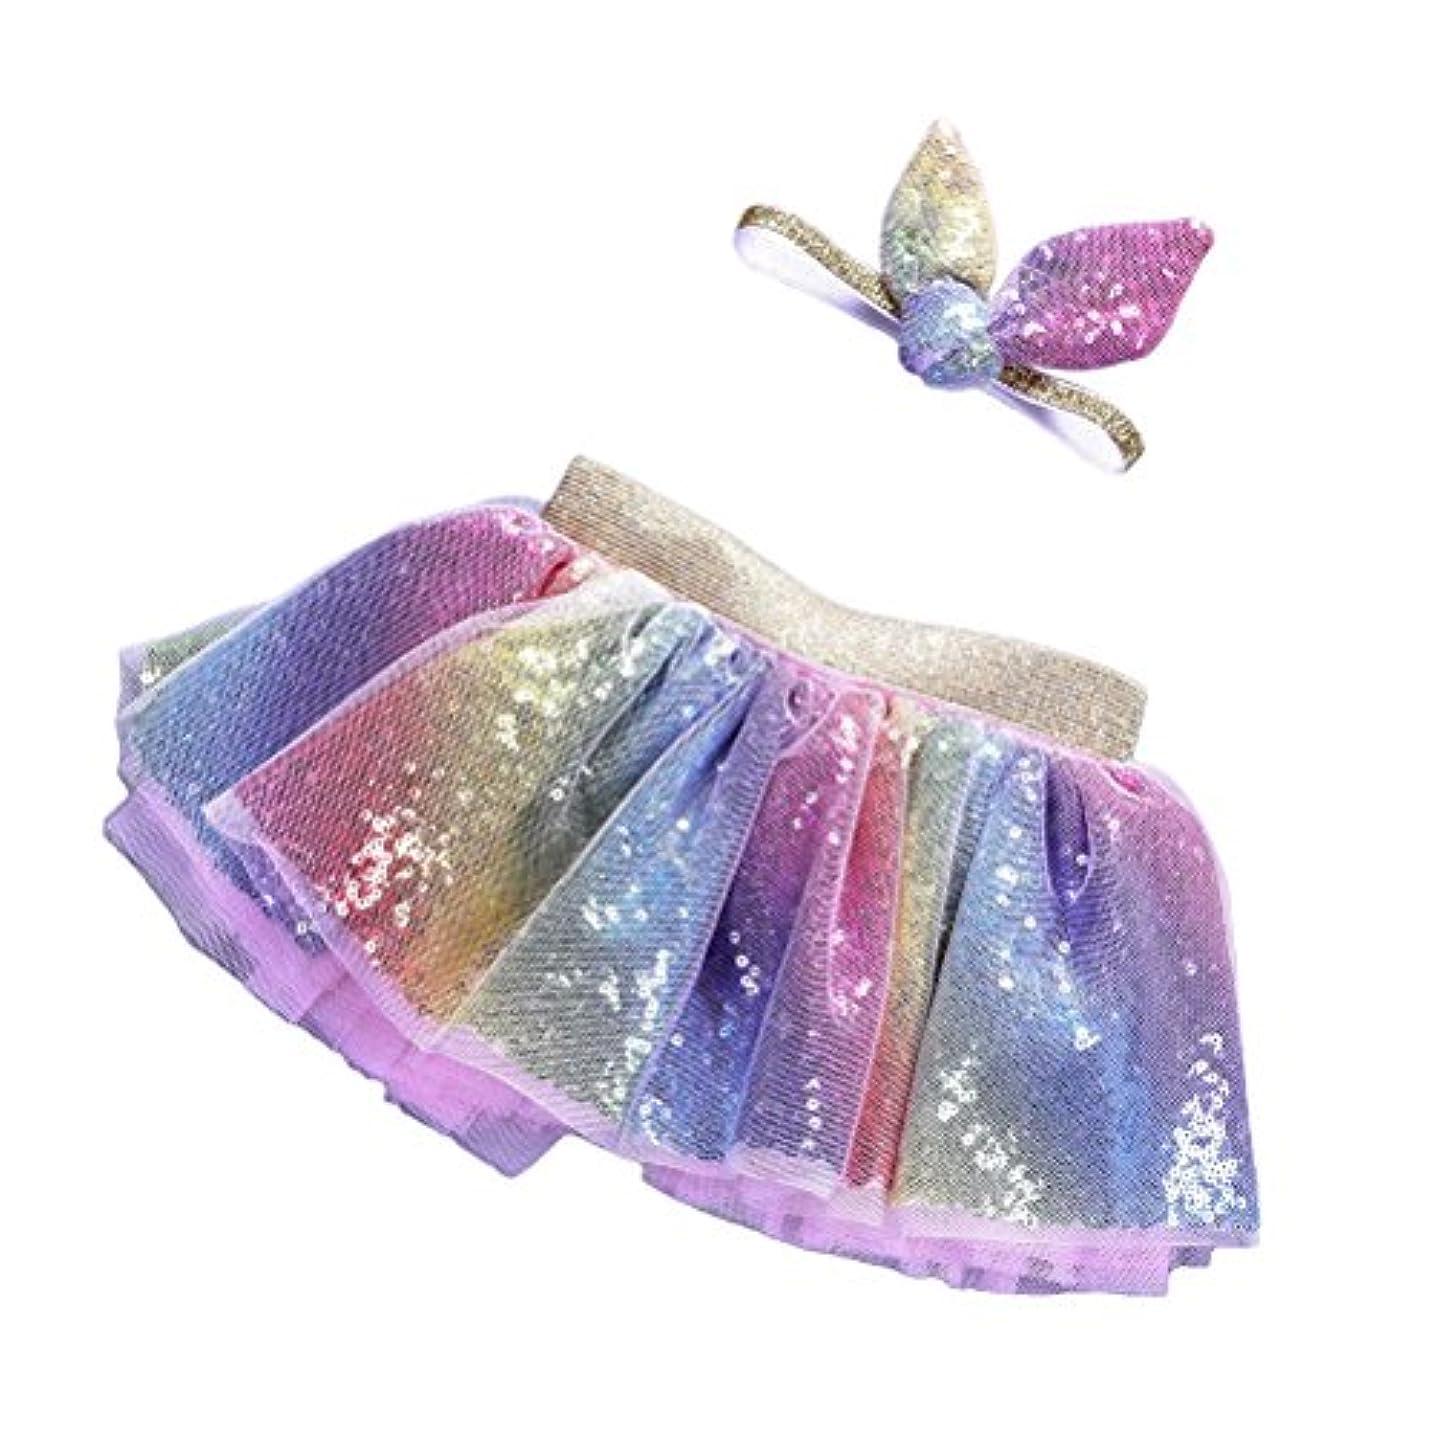 後お祝い爪LUOEM 2PCSレインボーツツスカート(ヘッドバンドプリンセスガール付き)Tutu OutfitベビーガールズBirthday Outfit Set S(0-2歳)